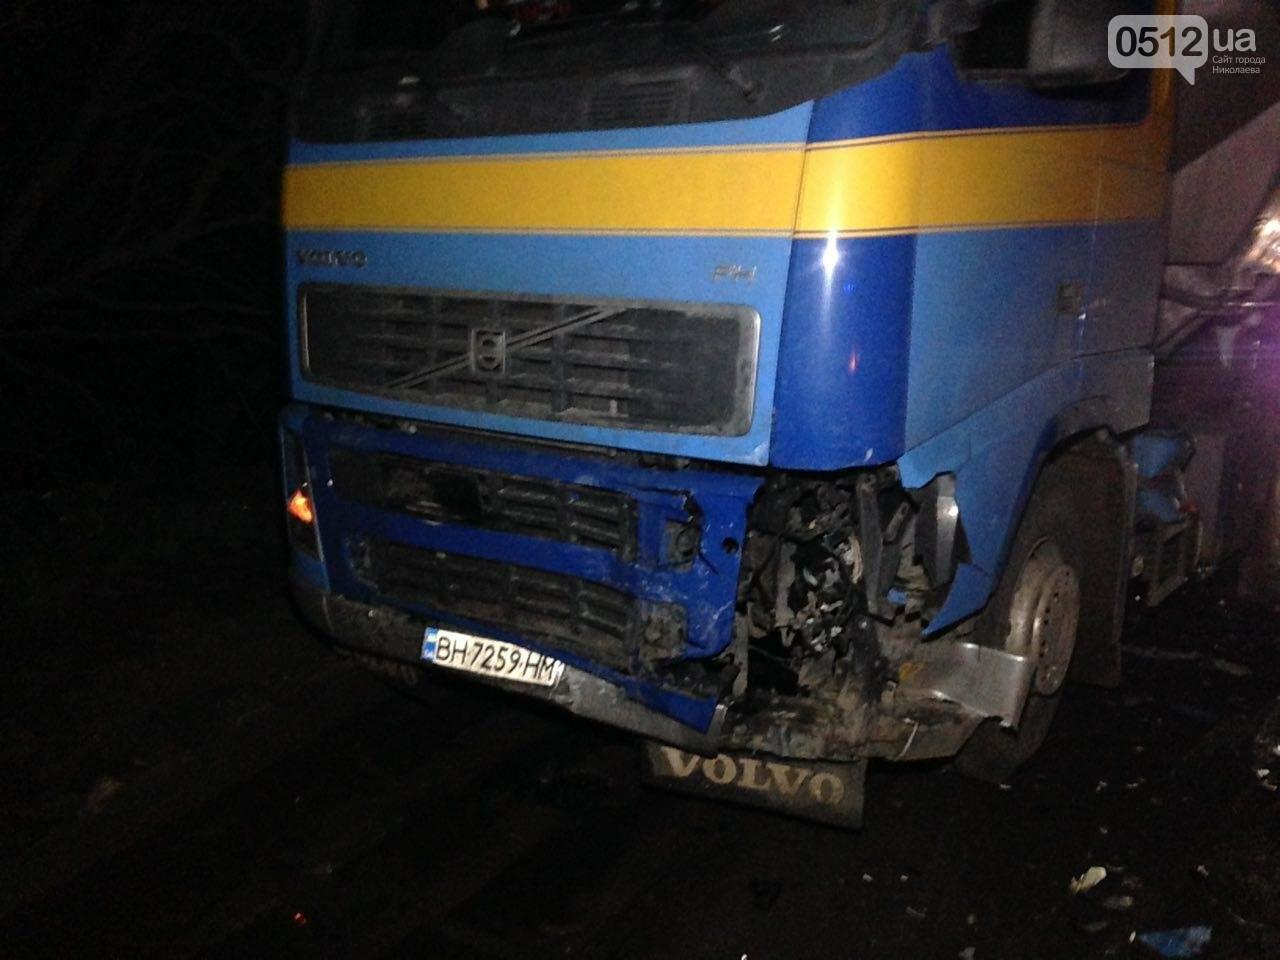 """На въезде в Николаев """"легковушка"""" лоб в лоб столкнулась с грузовиком - есть пострадавшие, - ФОТО, ВИДЕО, фото-9"""